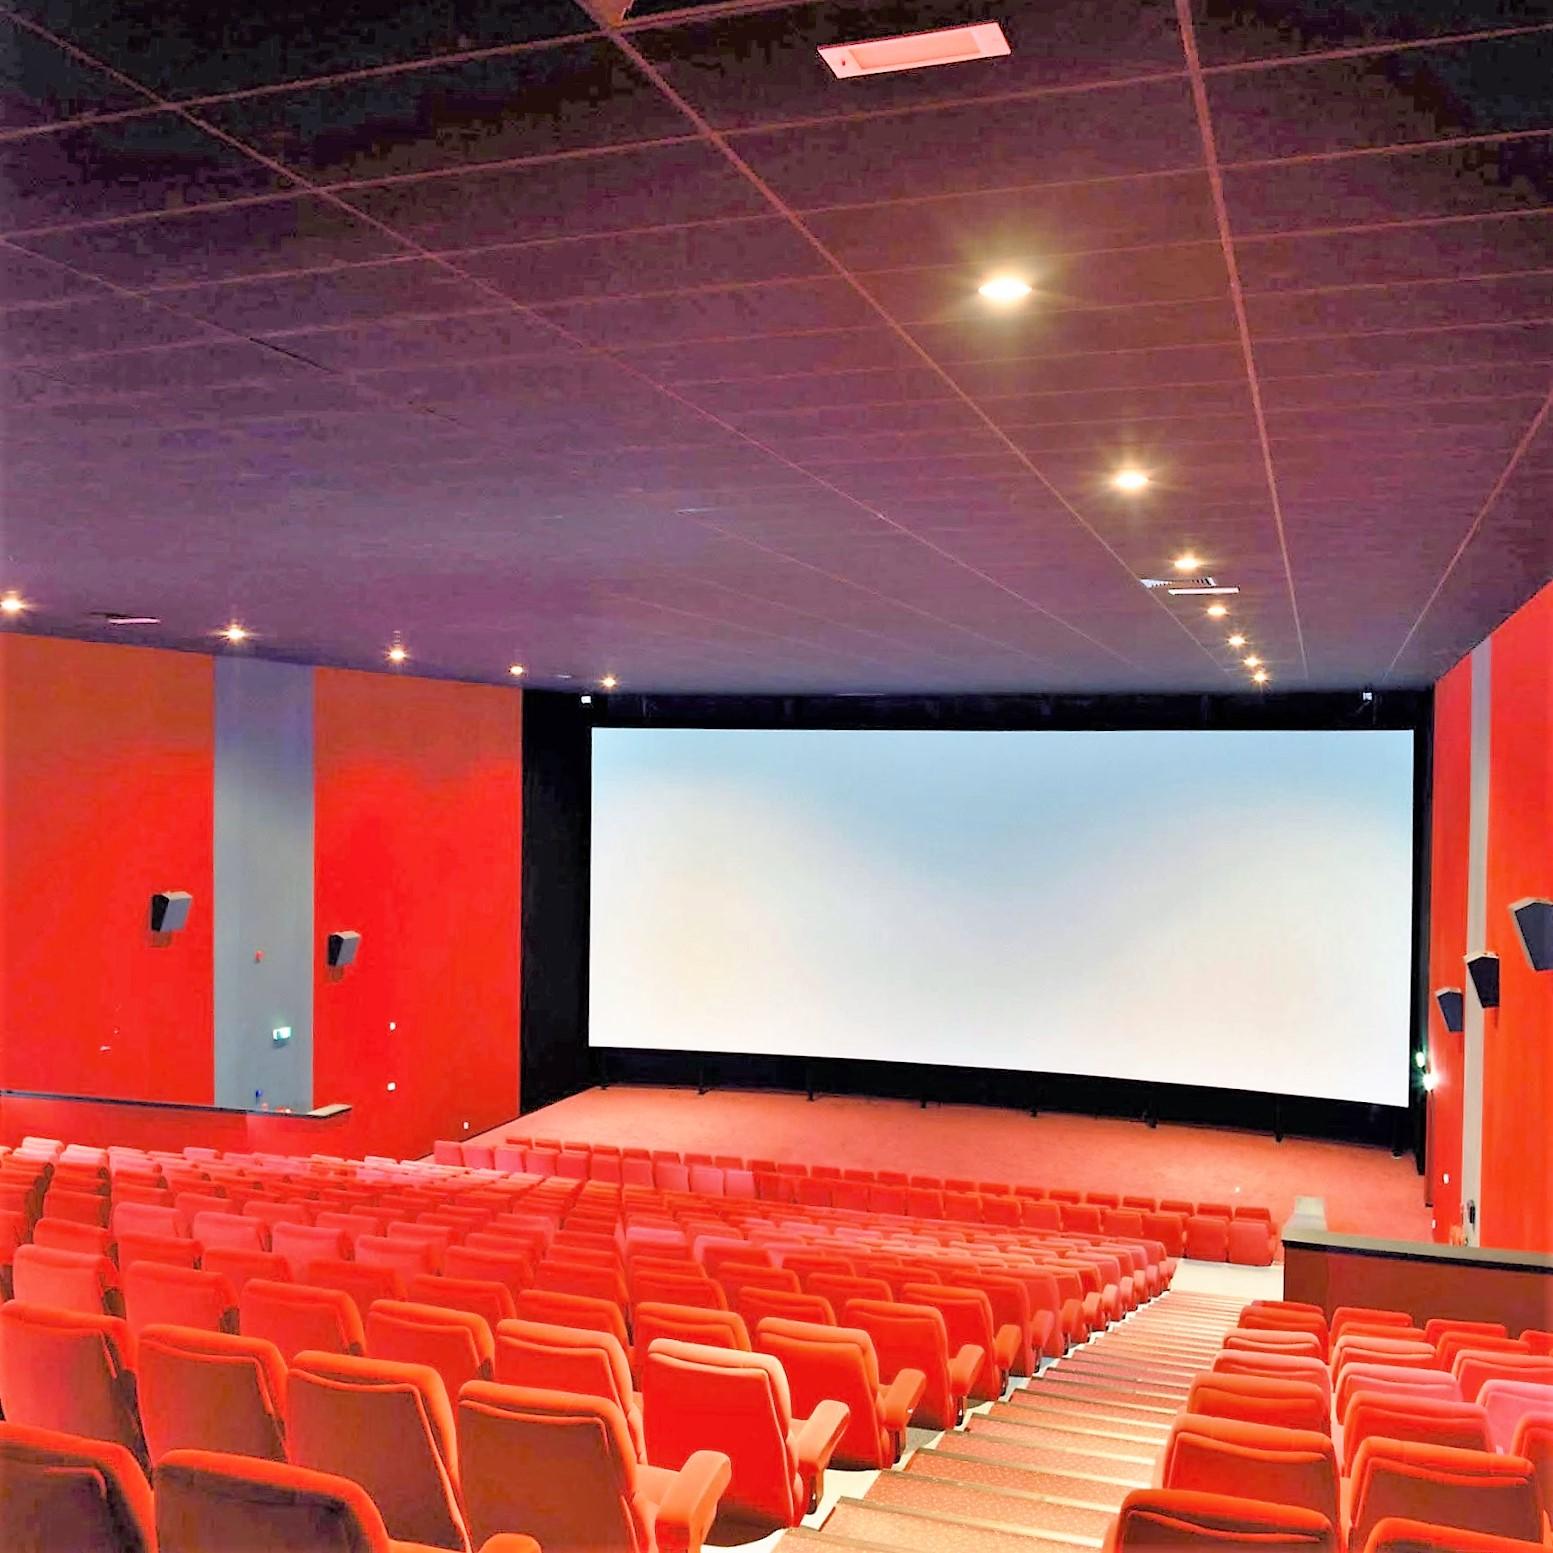 Fieggentrio weetjes over de bioscoop for Bioscoop pathe rotterdam